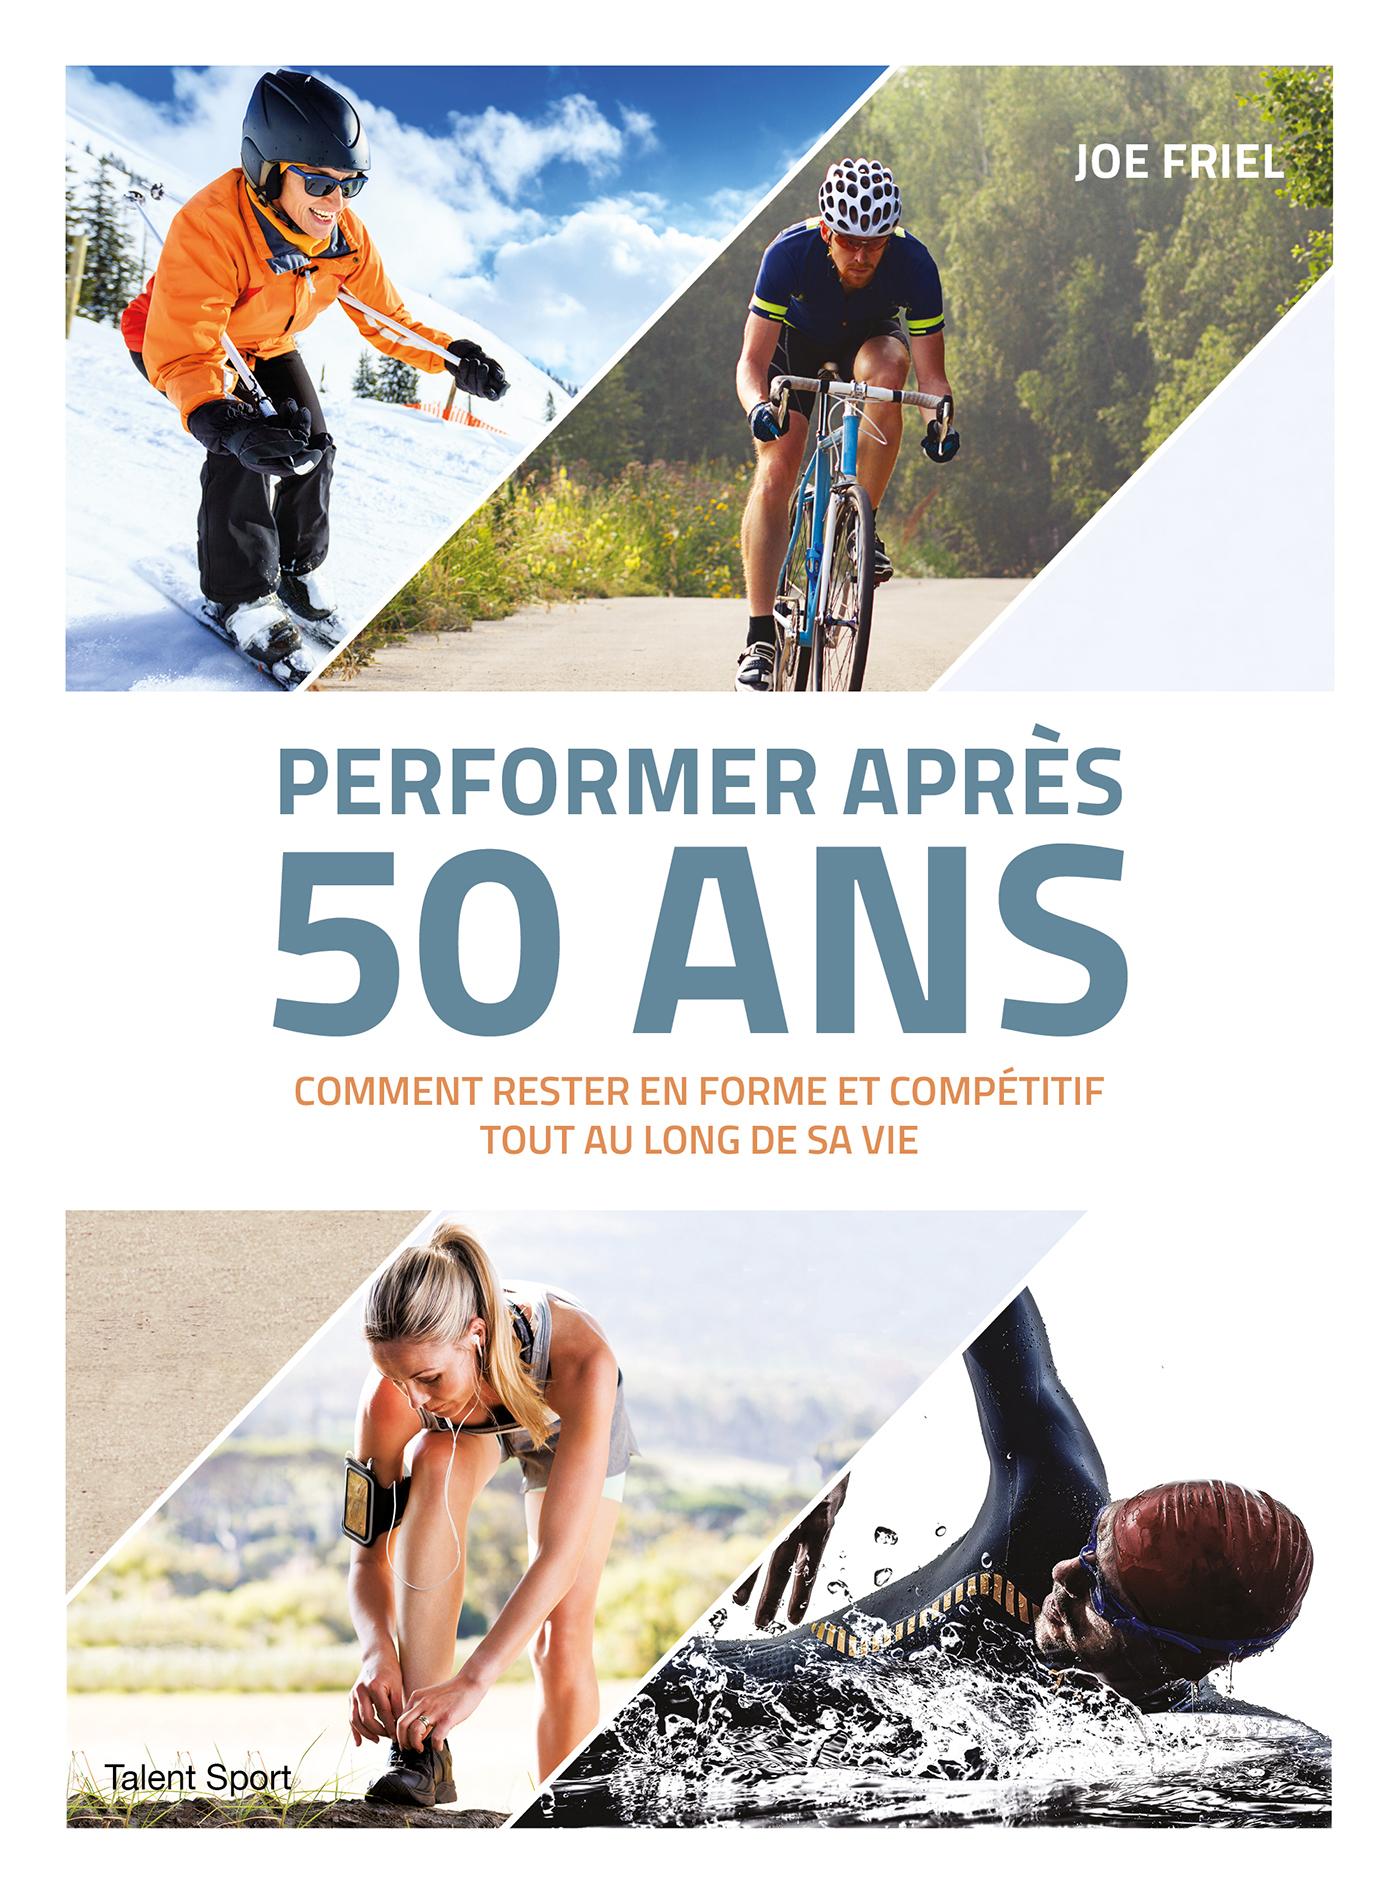 PERFORMER APRES 50 ANS - COMMENT RESTER EN FORME ET COMPETITIF TOUT AU LONG DE SA VIE